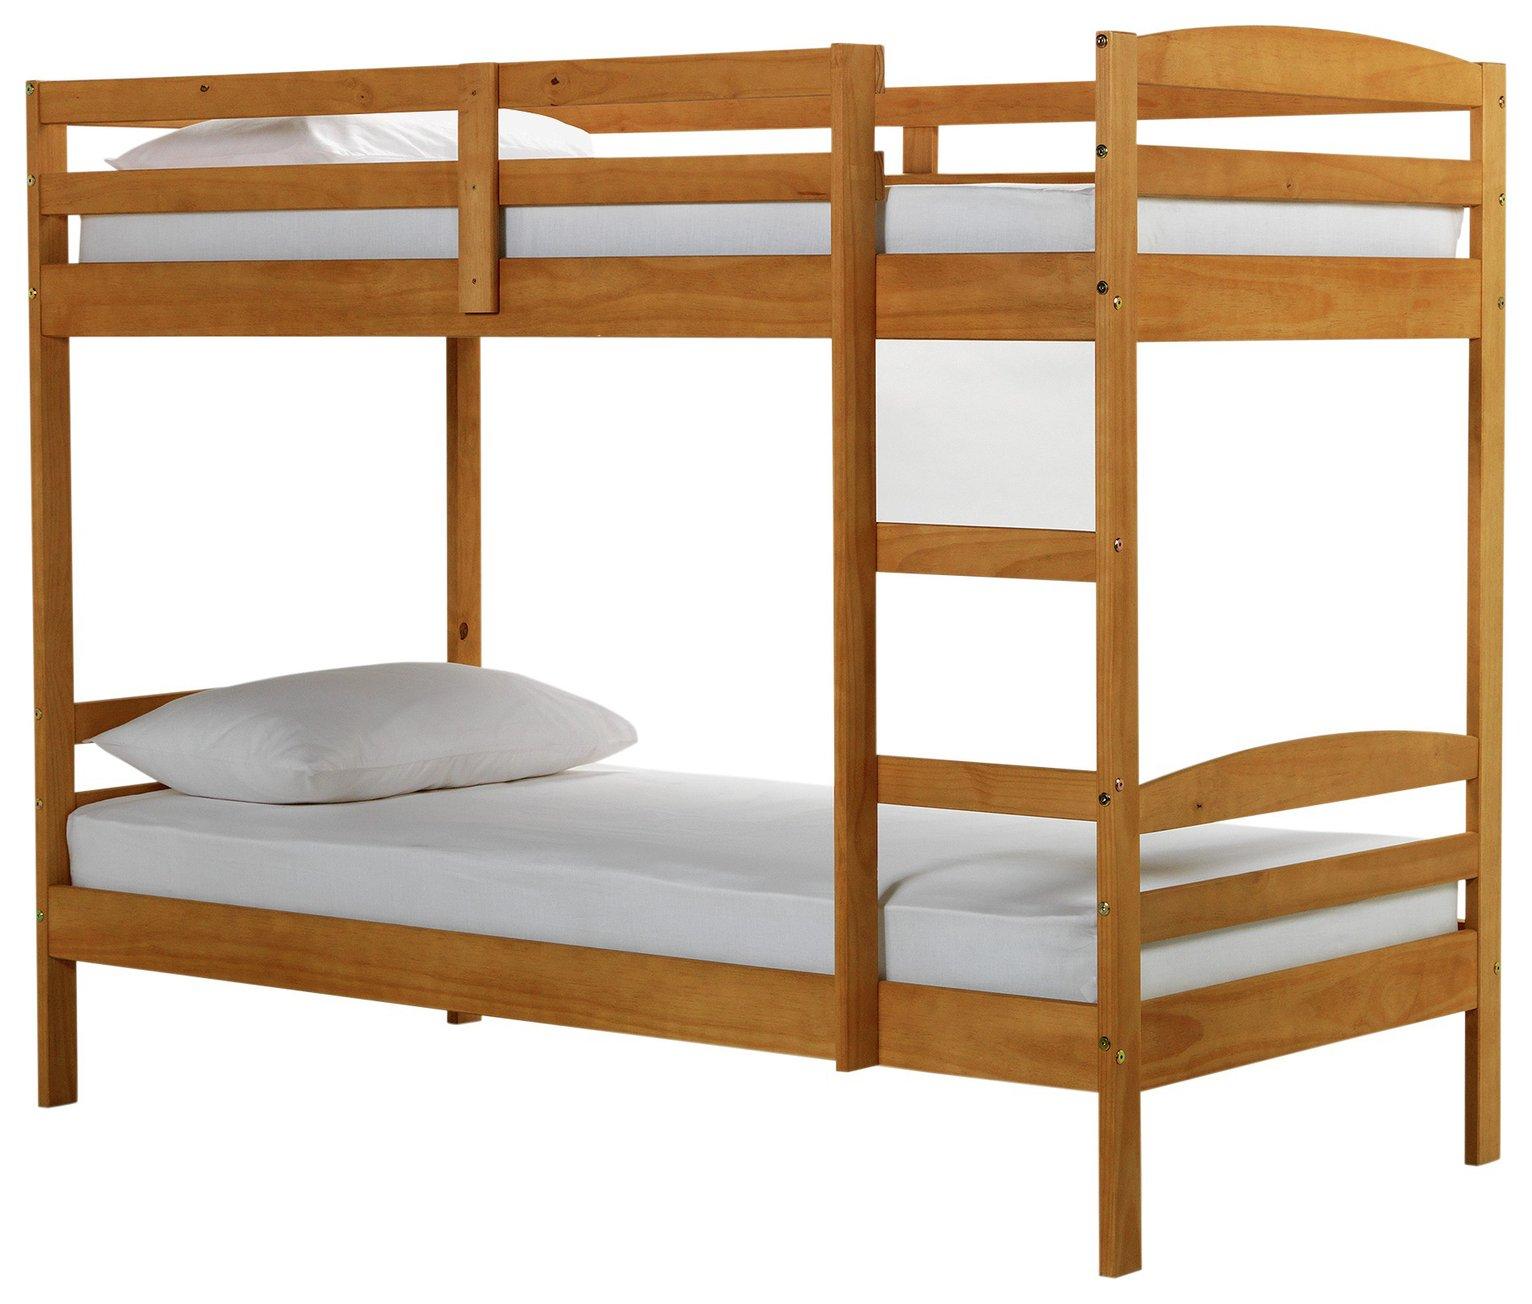 home josie shorty bunk bed with elliott mattress pine